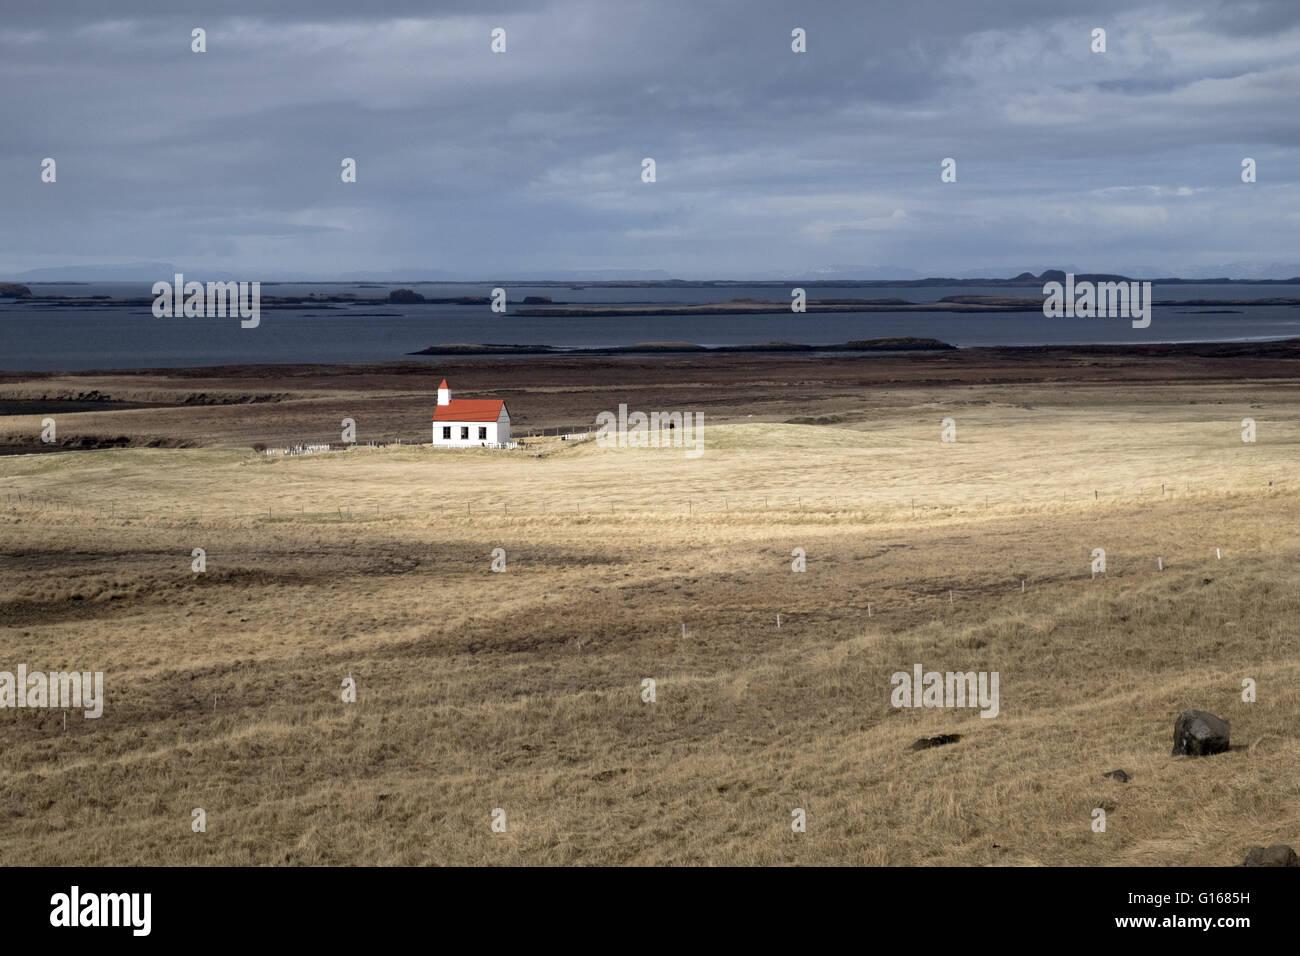 Een kerkje in het westen van Ijsland.A small church in the west of Iceland. 21st Apr, 2016. © Hans Van Rhoon/ZUMA - Stock Image